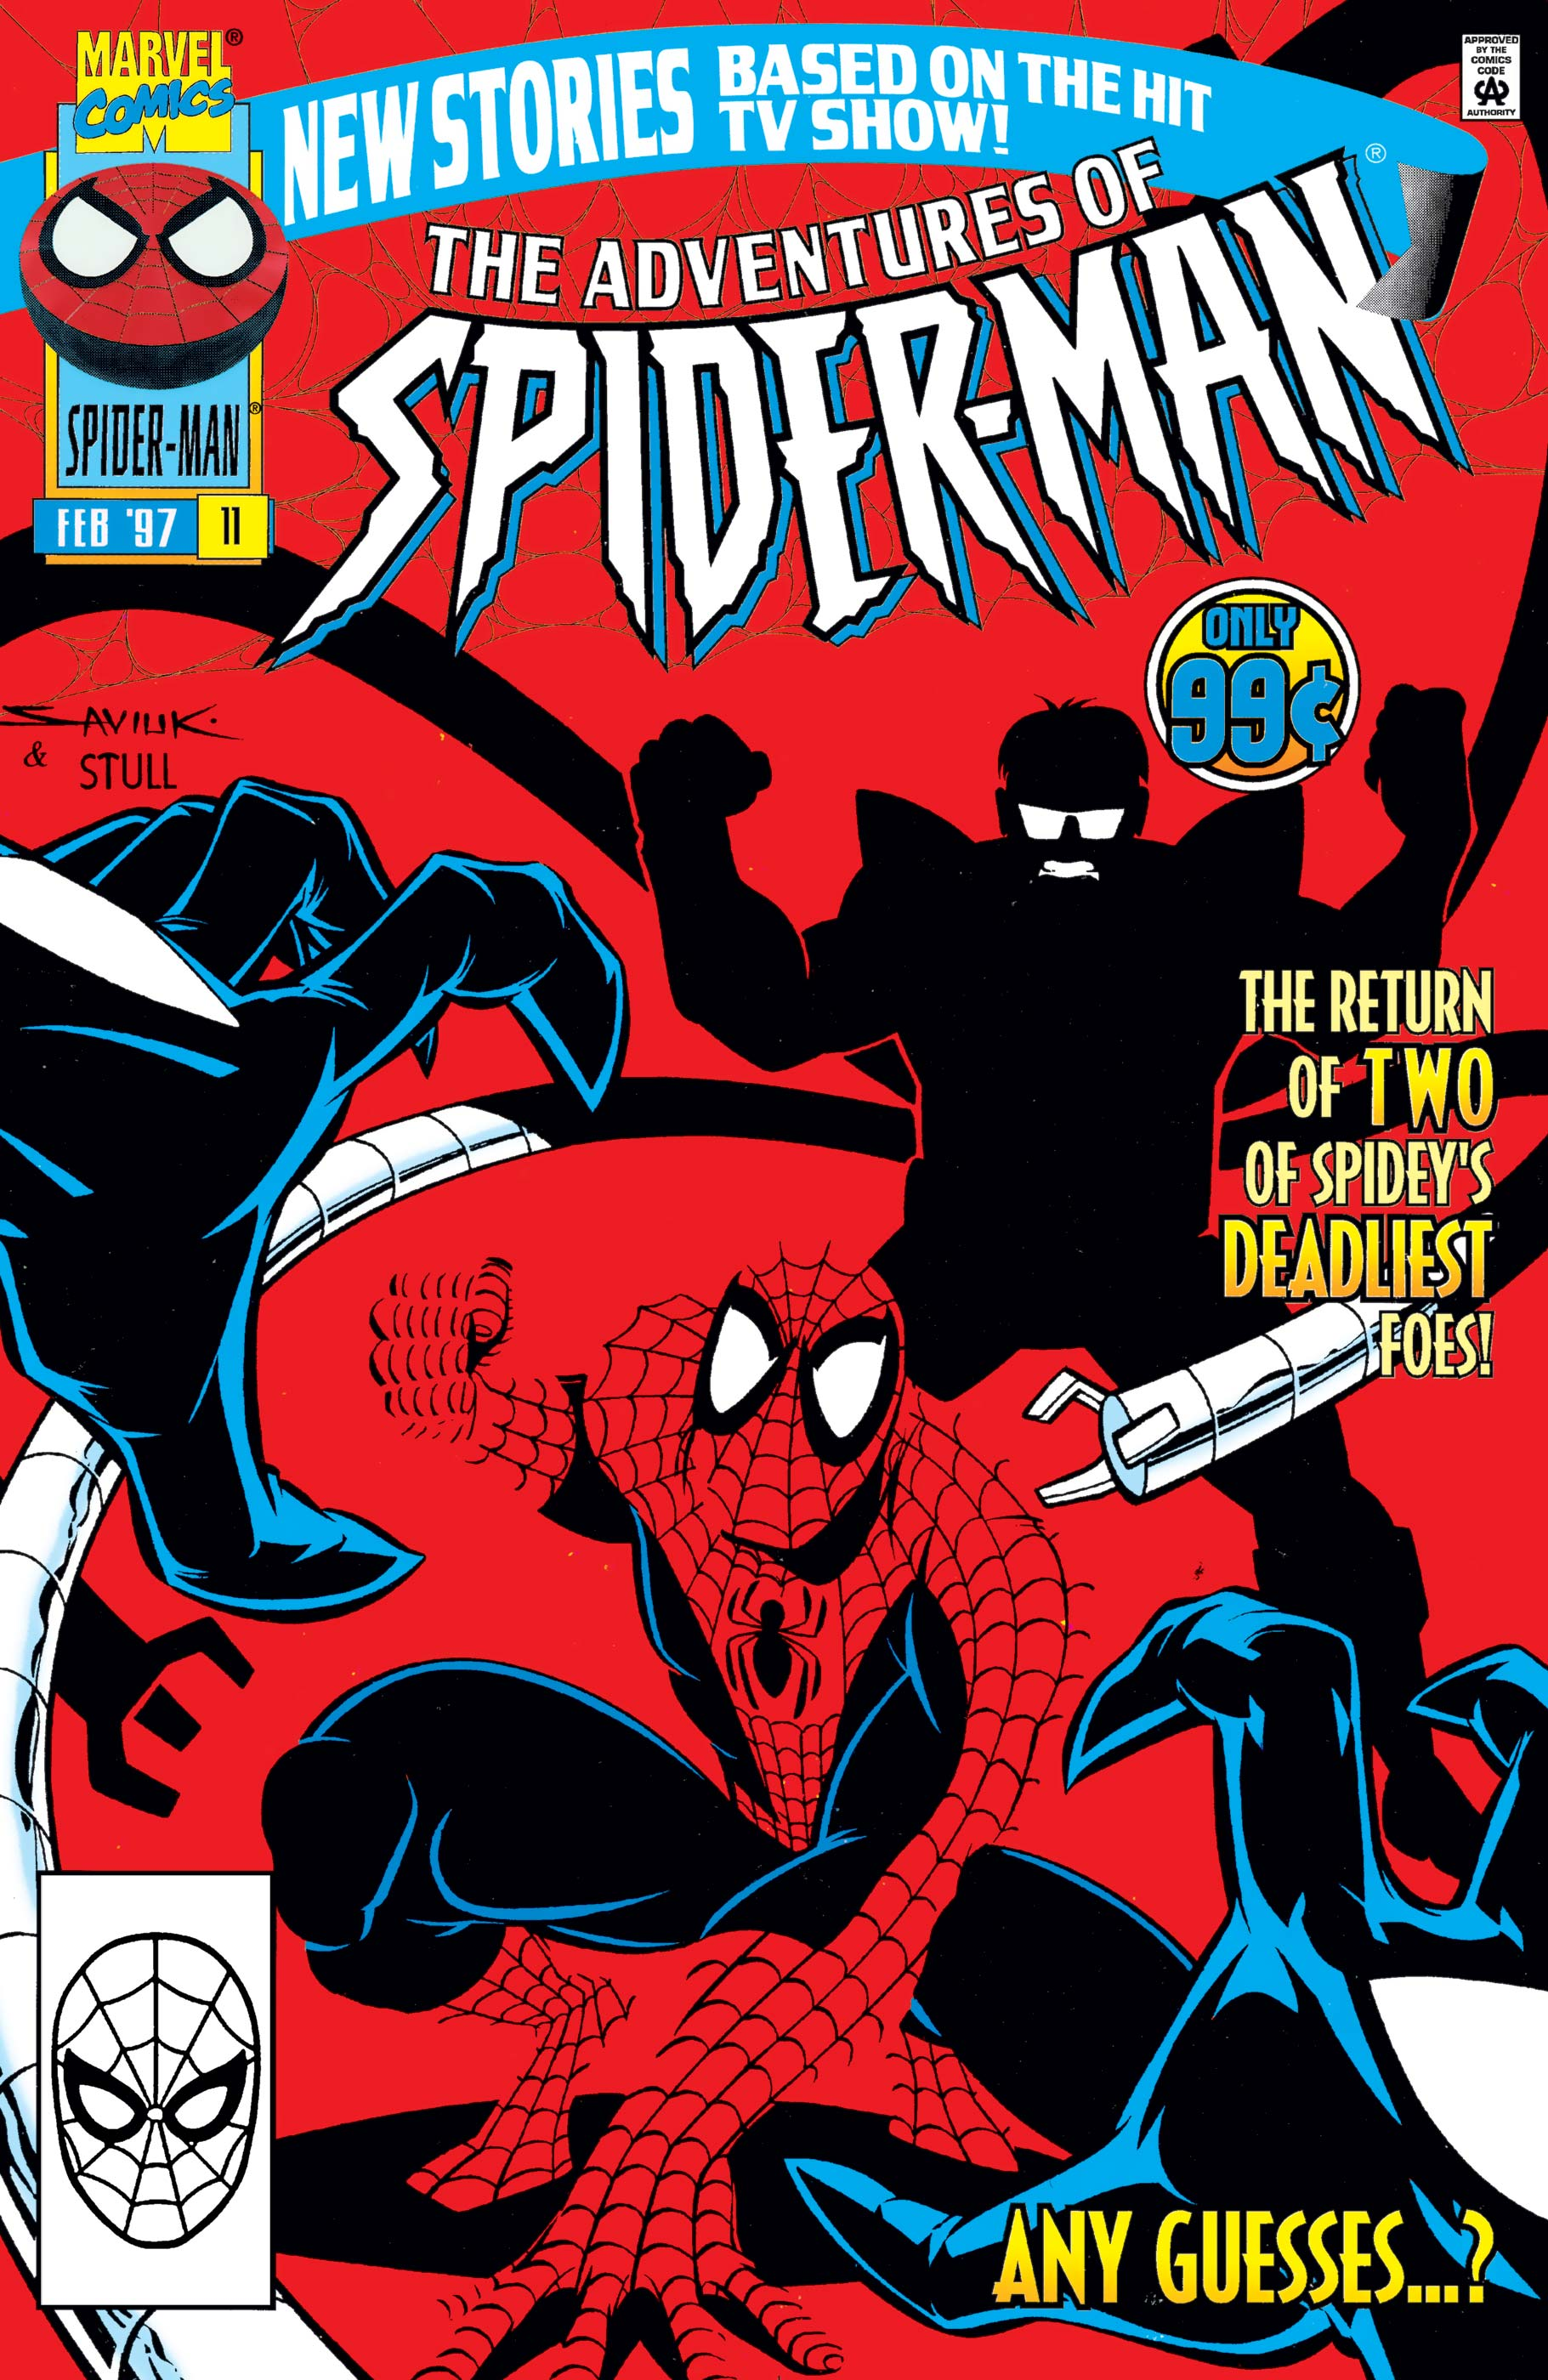 Adventures of Spider-Man (1996) #11